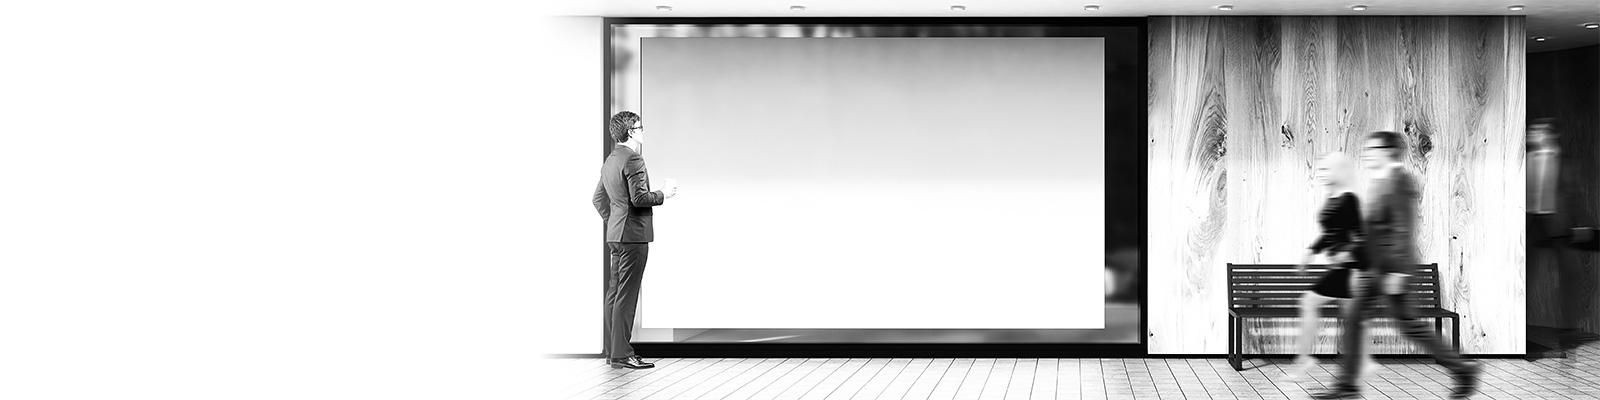 広告 看板 消費者 イメージ